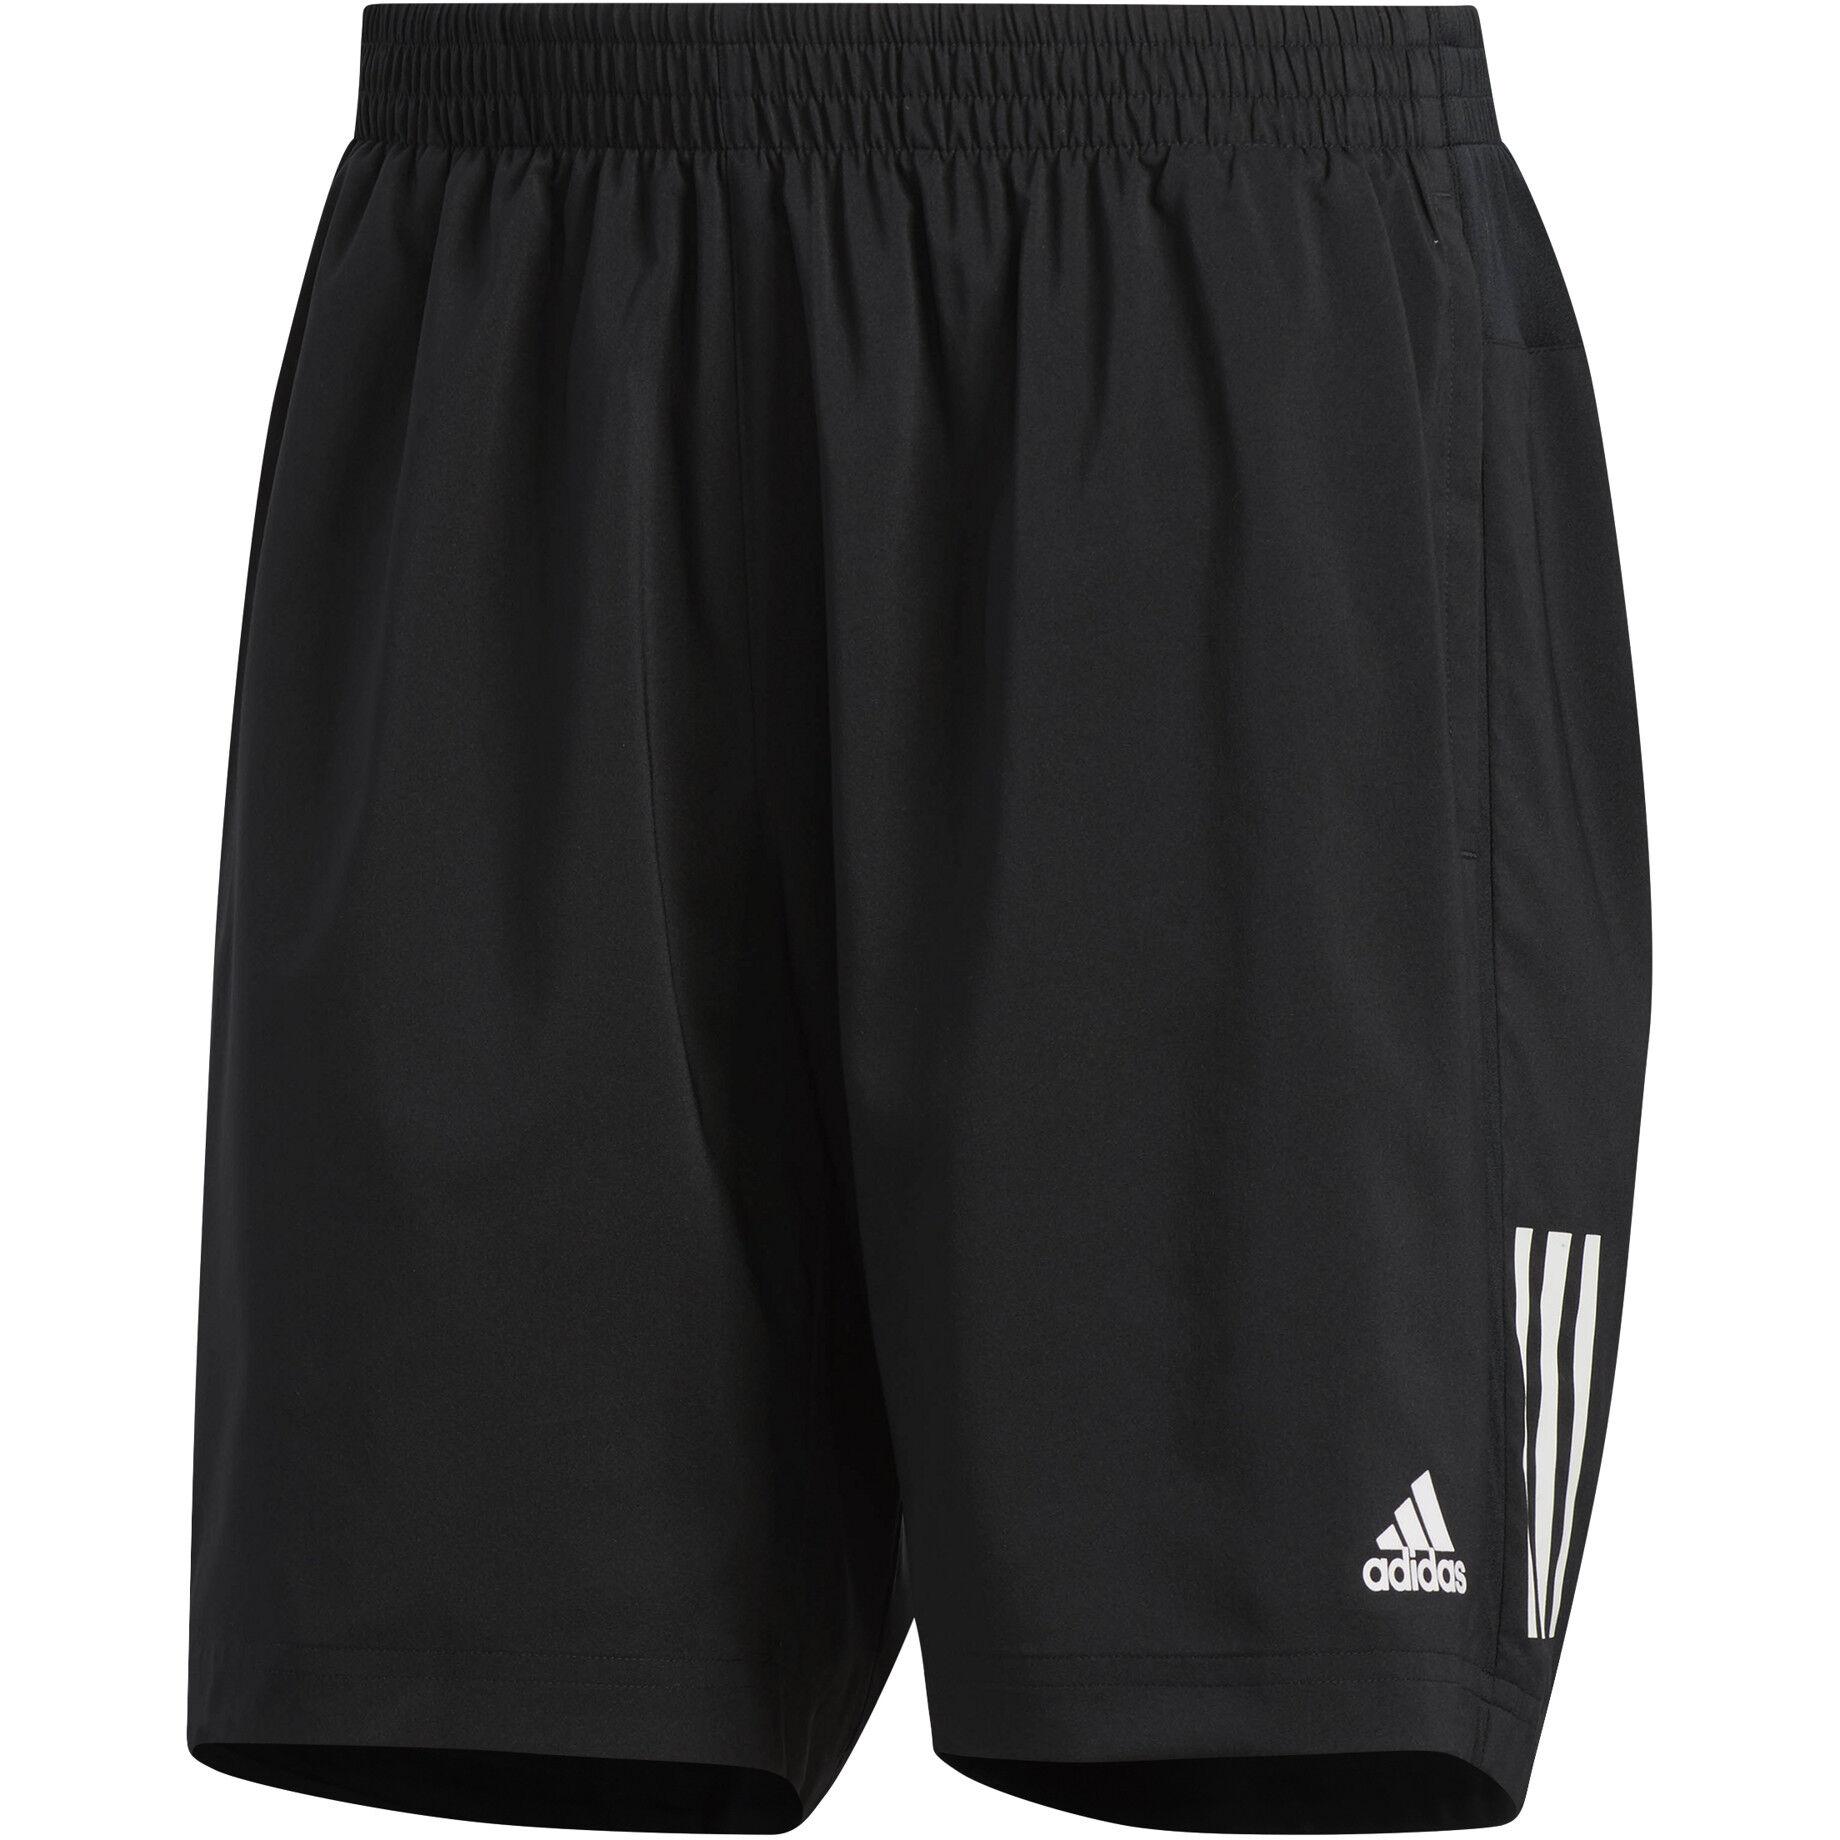 adidas Own The Run Shorts 9